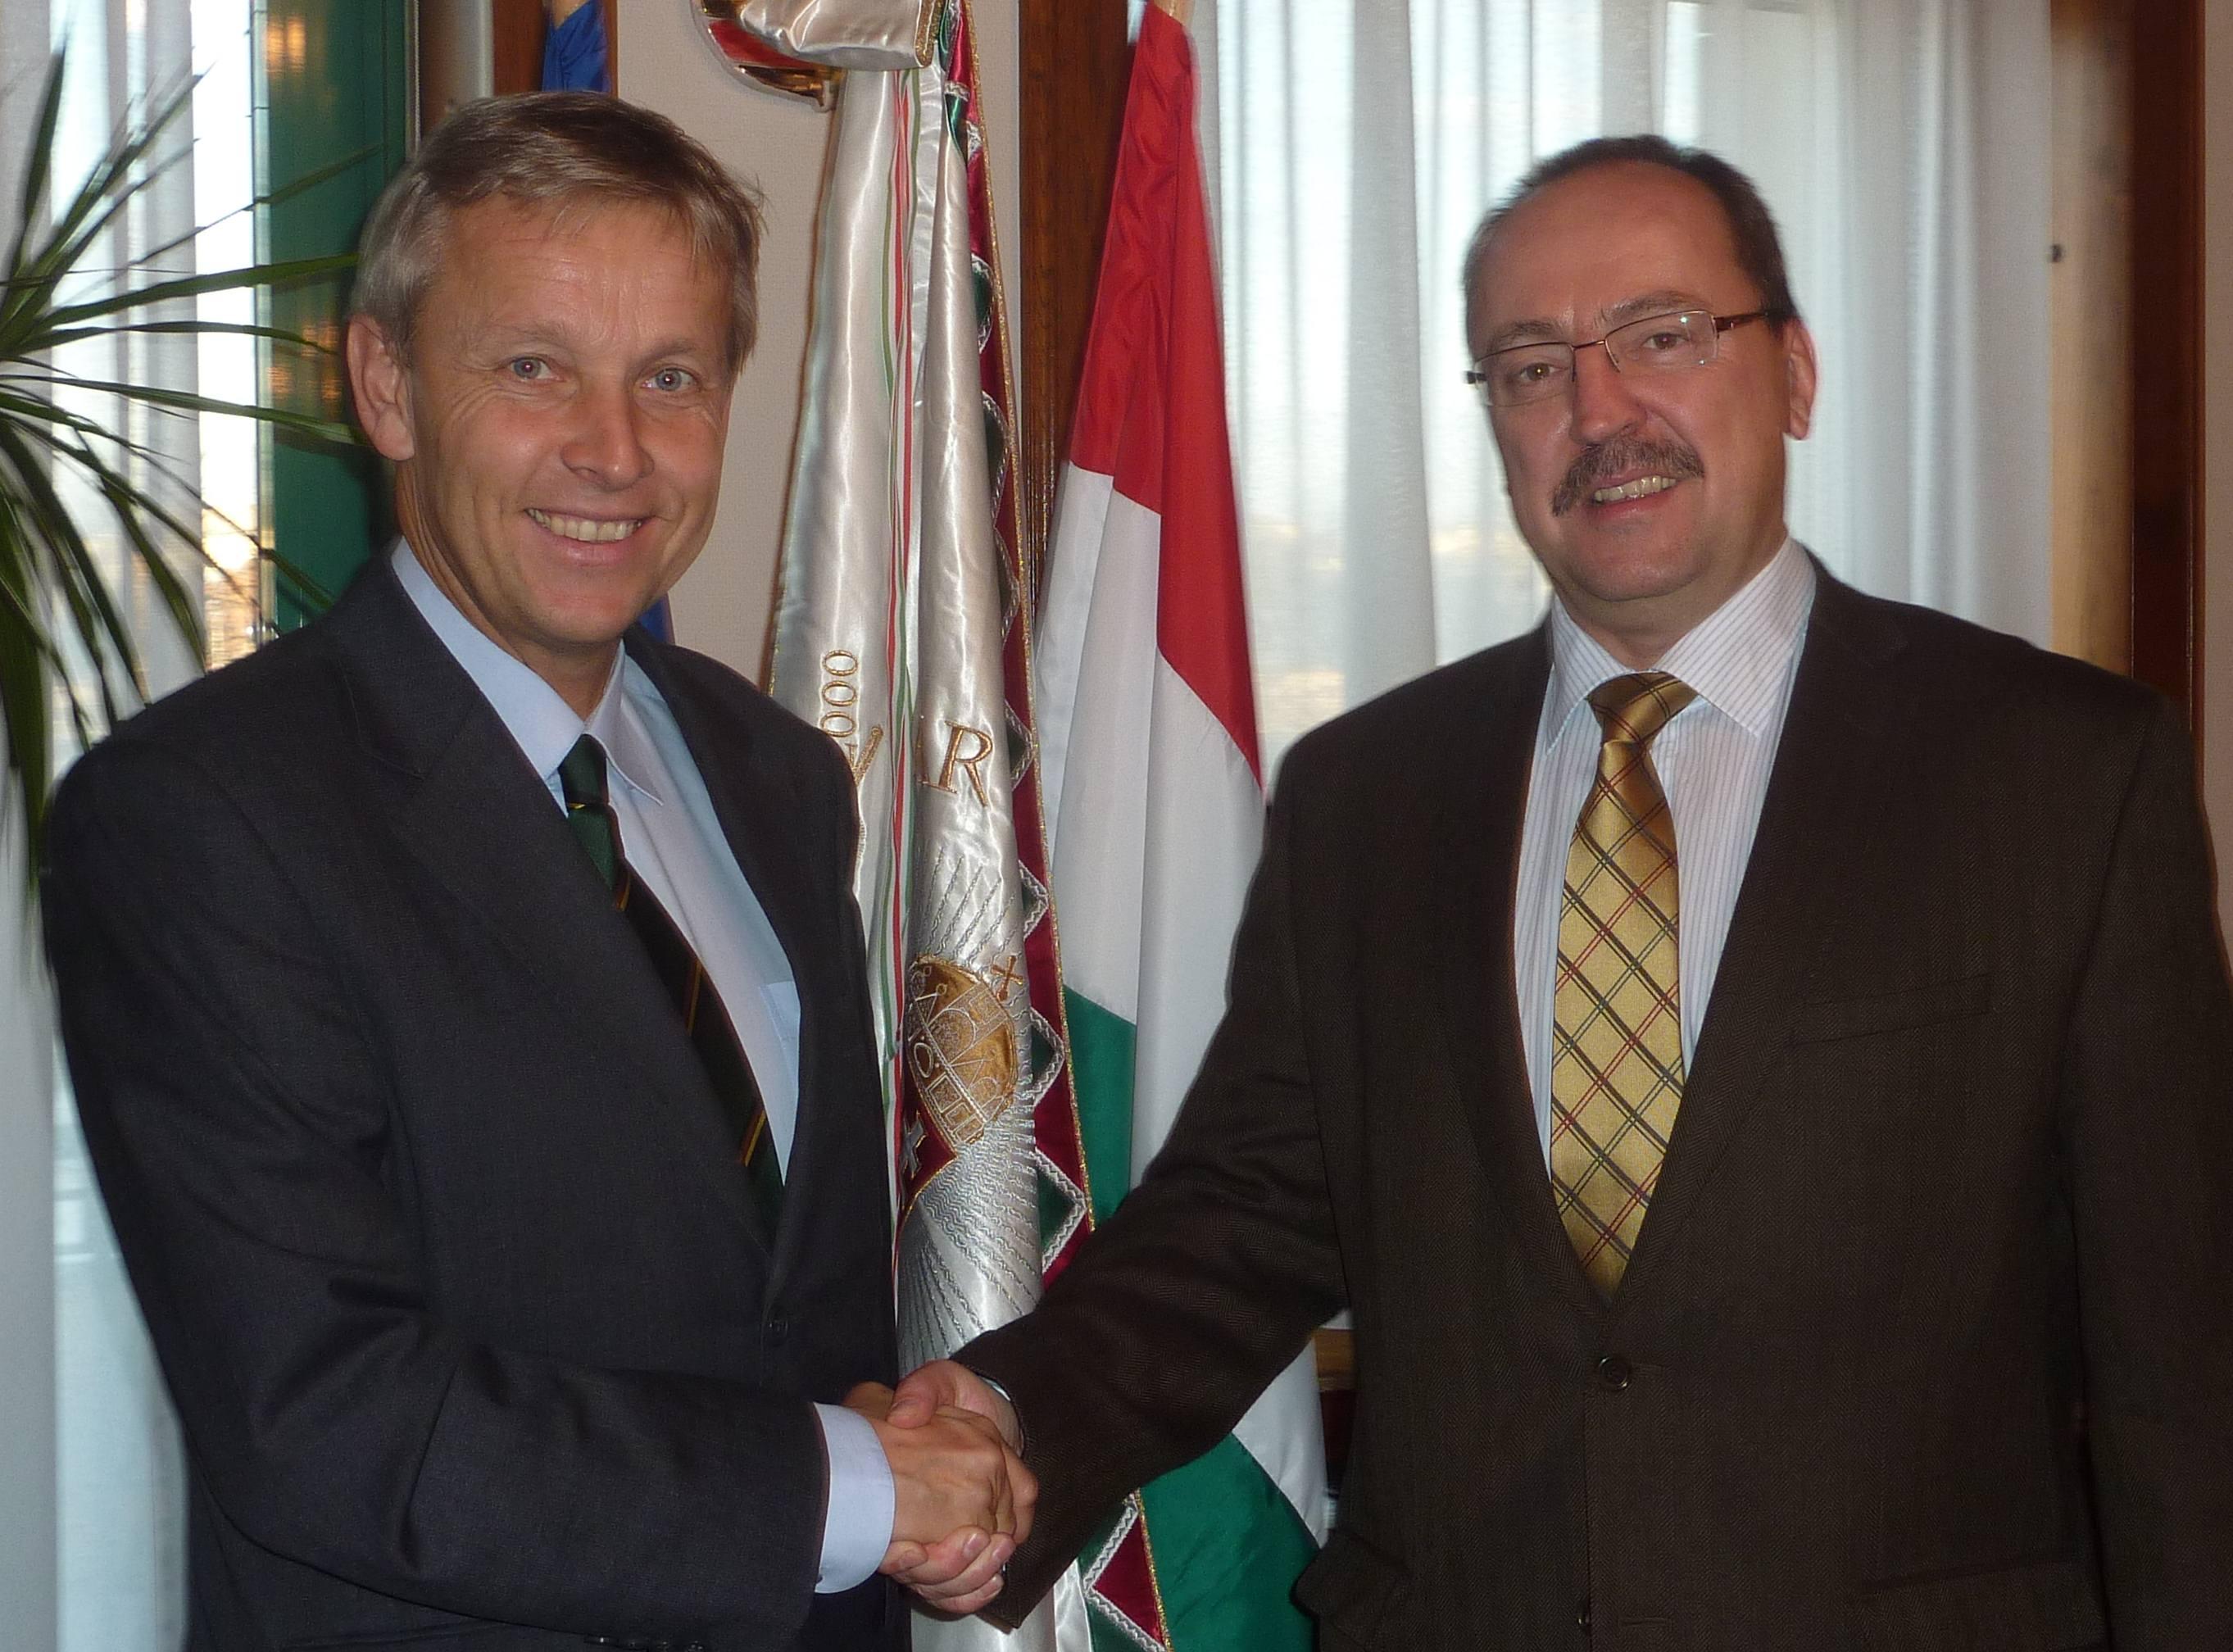 (c) BMEIA, STS Lopatka und Staatssekretär des ungarischen Außenministeriums Zsolt Németh